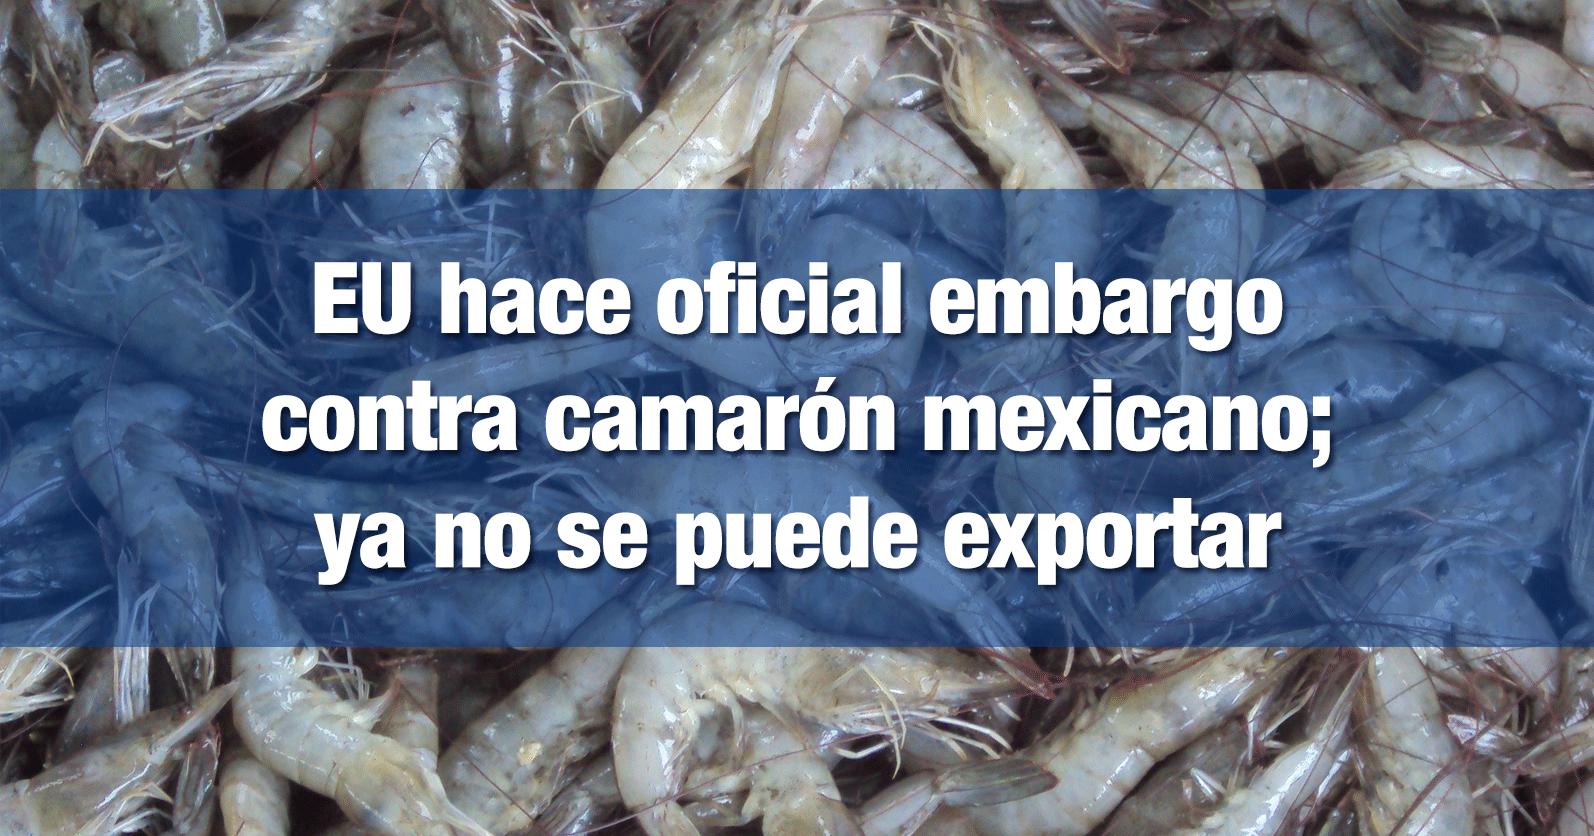 EU hace oficial embargo contra camarón mexicano; ya no se puede exportar